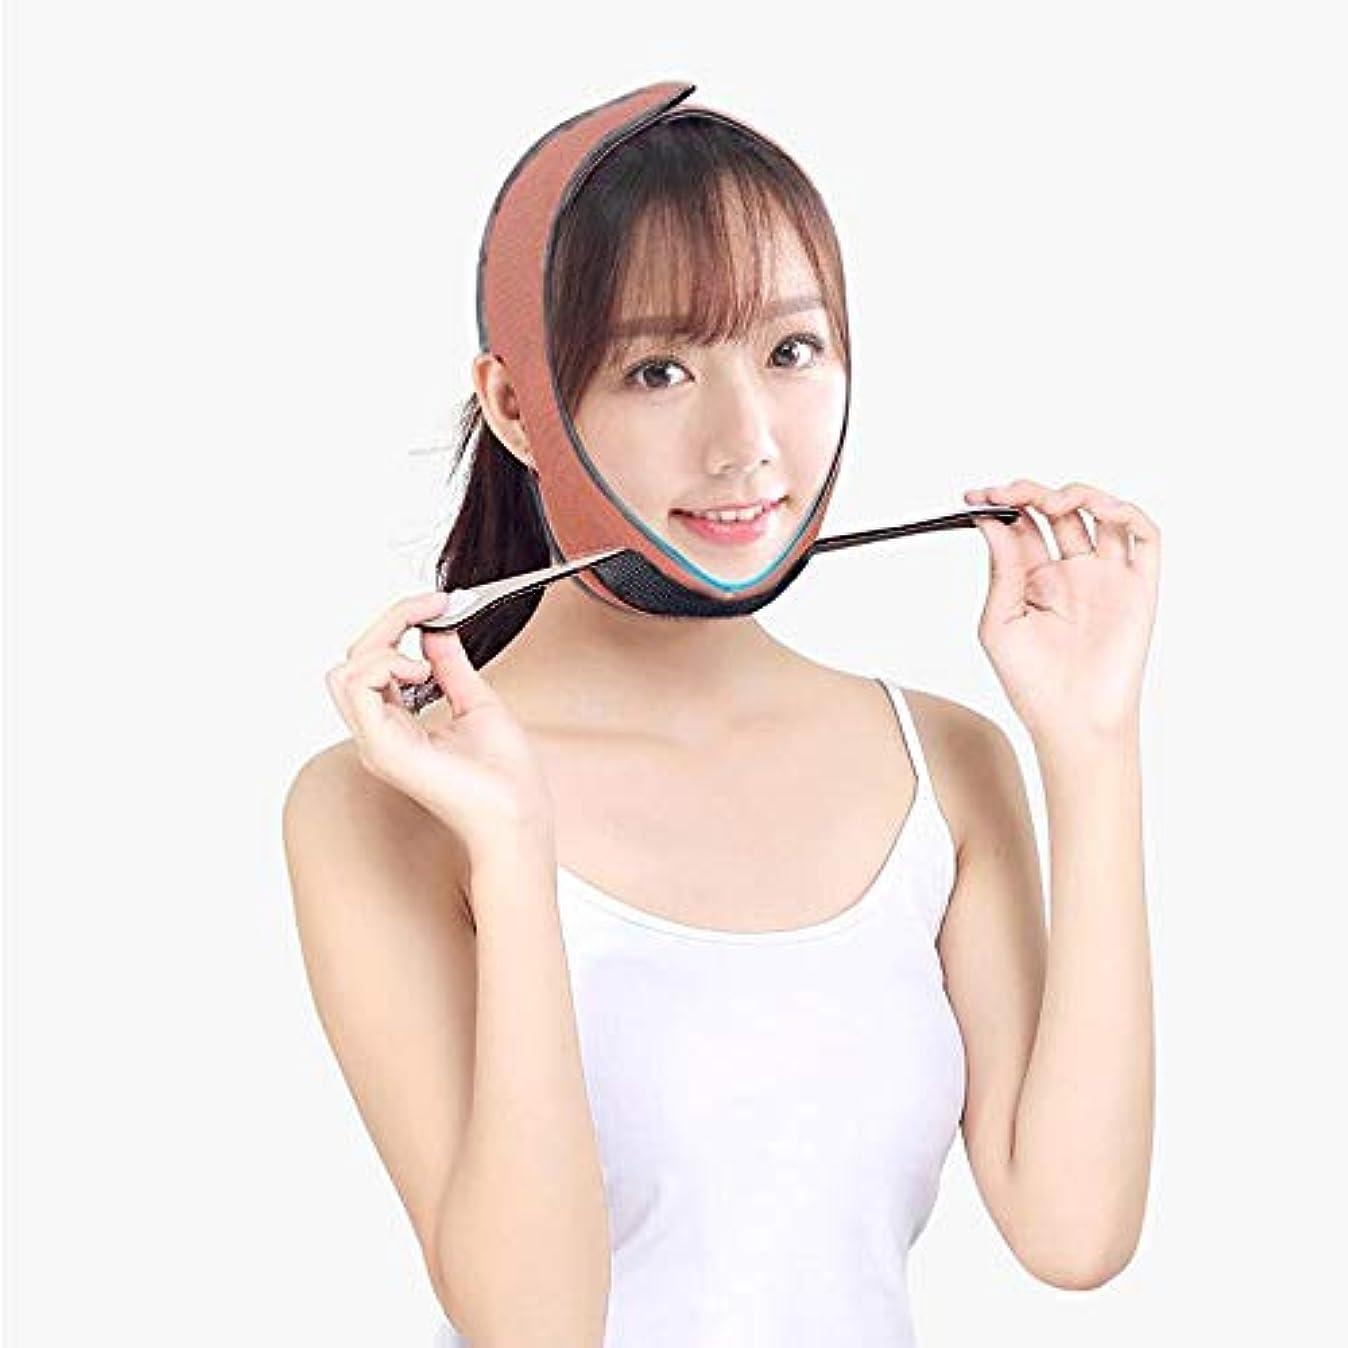 潜む剃る酸素飛強強 フェイシャルリフティングスリミングベルト - 薄いフェイス包帯Vフェイス包帯マスクフェイシャルマッサージャー無料整形マスク顔と首の顔を引き締めますスリム スリムフィット美容ツール